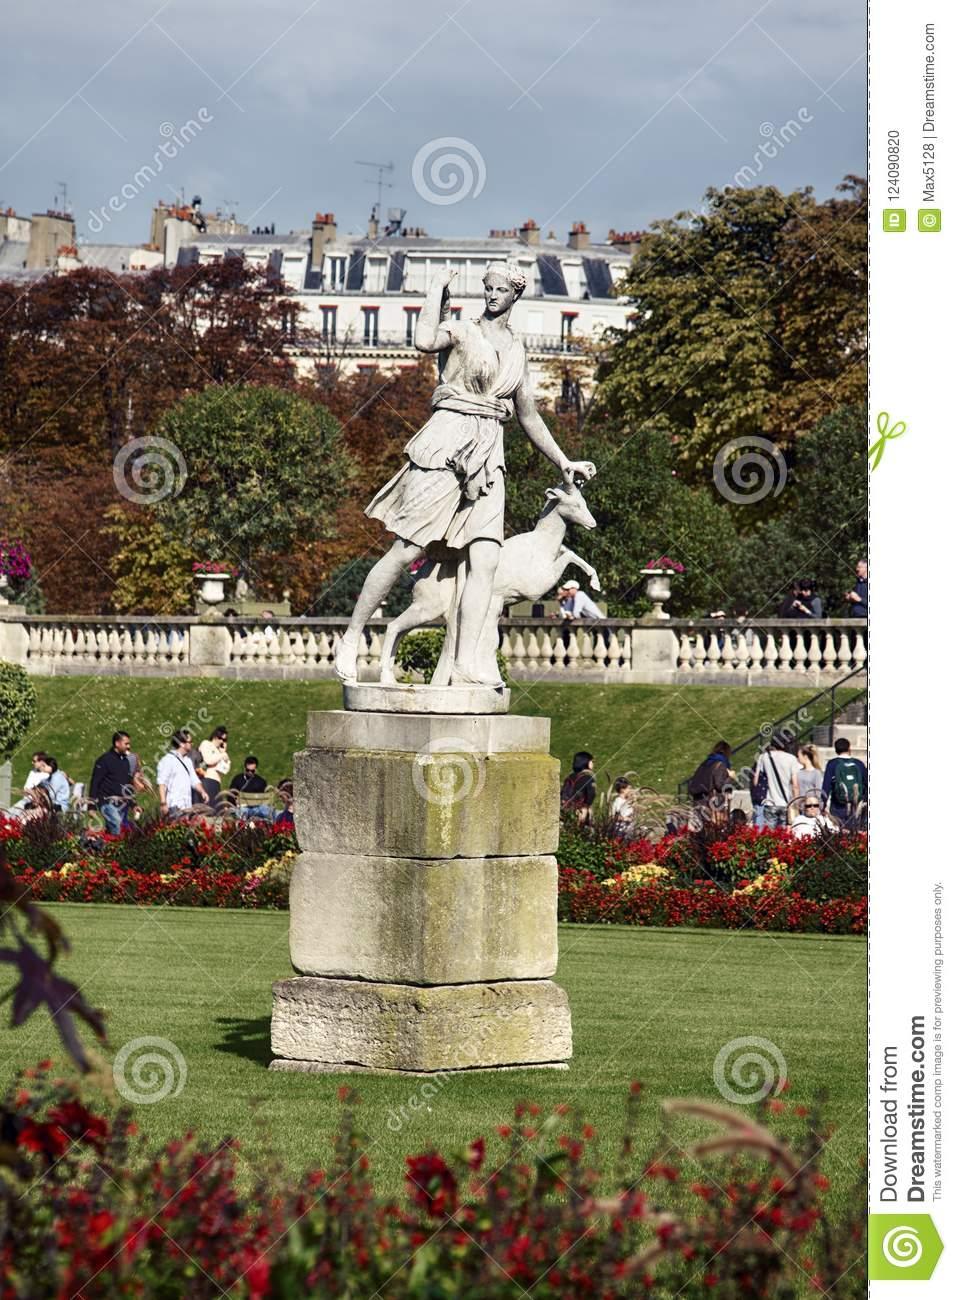 paris france sculptures luxembourg garden palace le jardin du luxembourg statue artemis paris parks sculpture